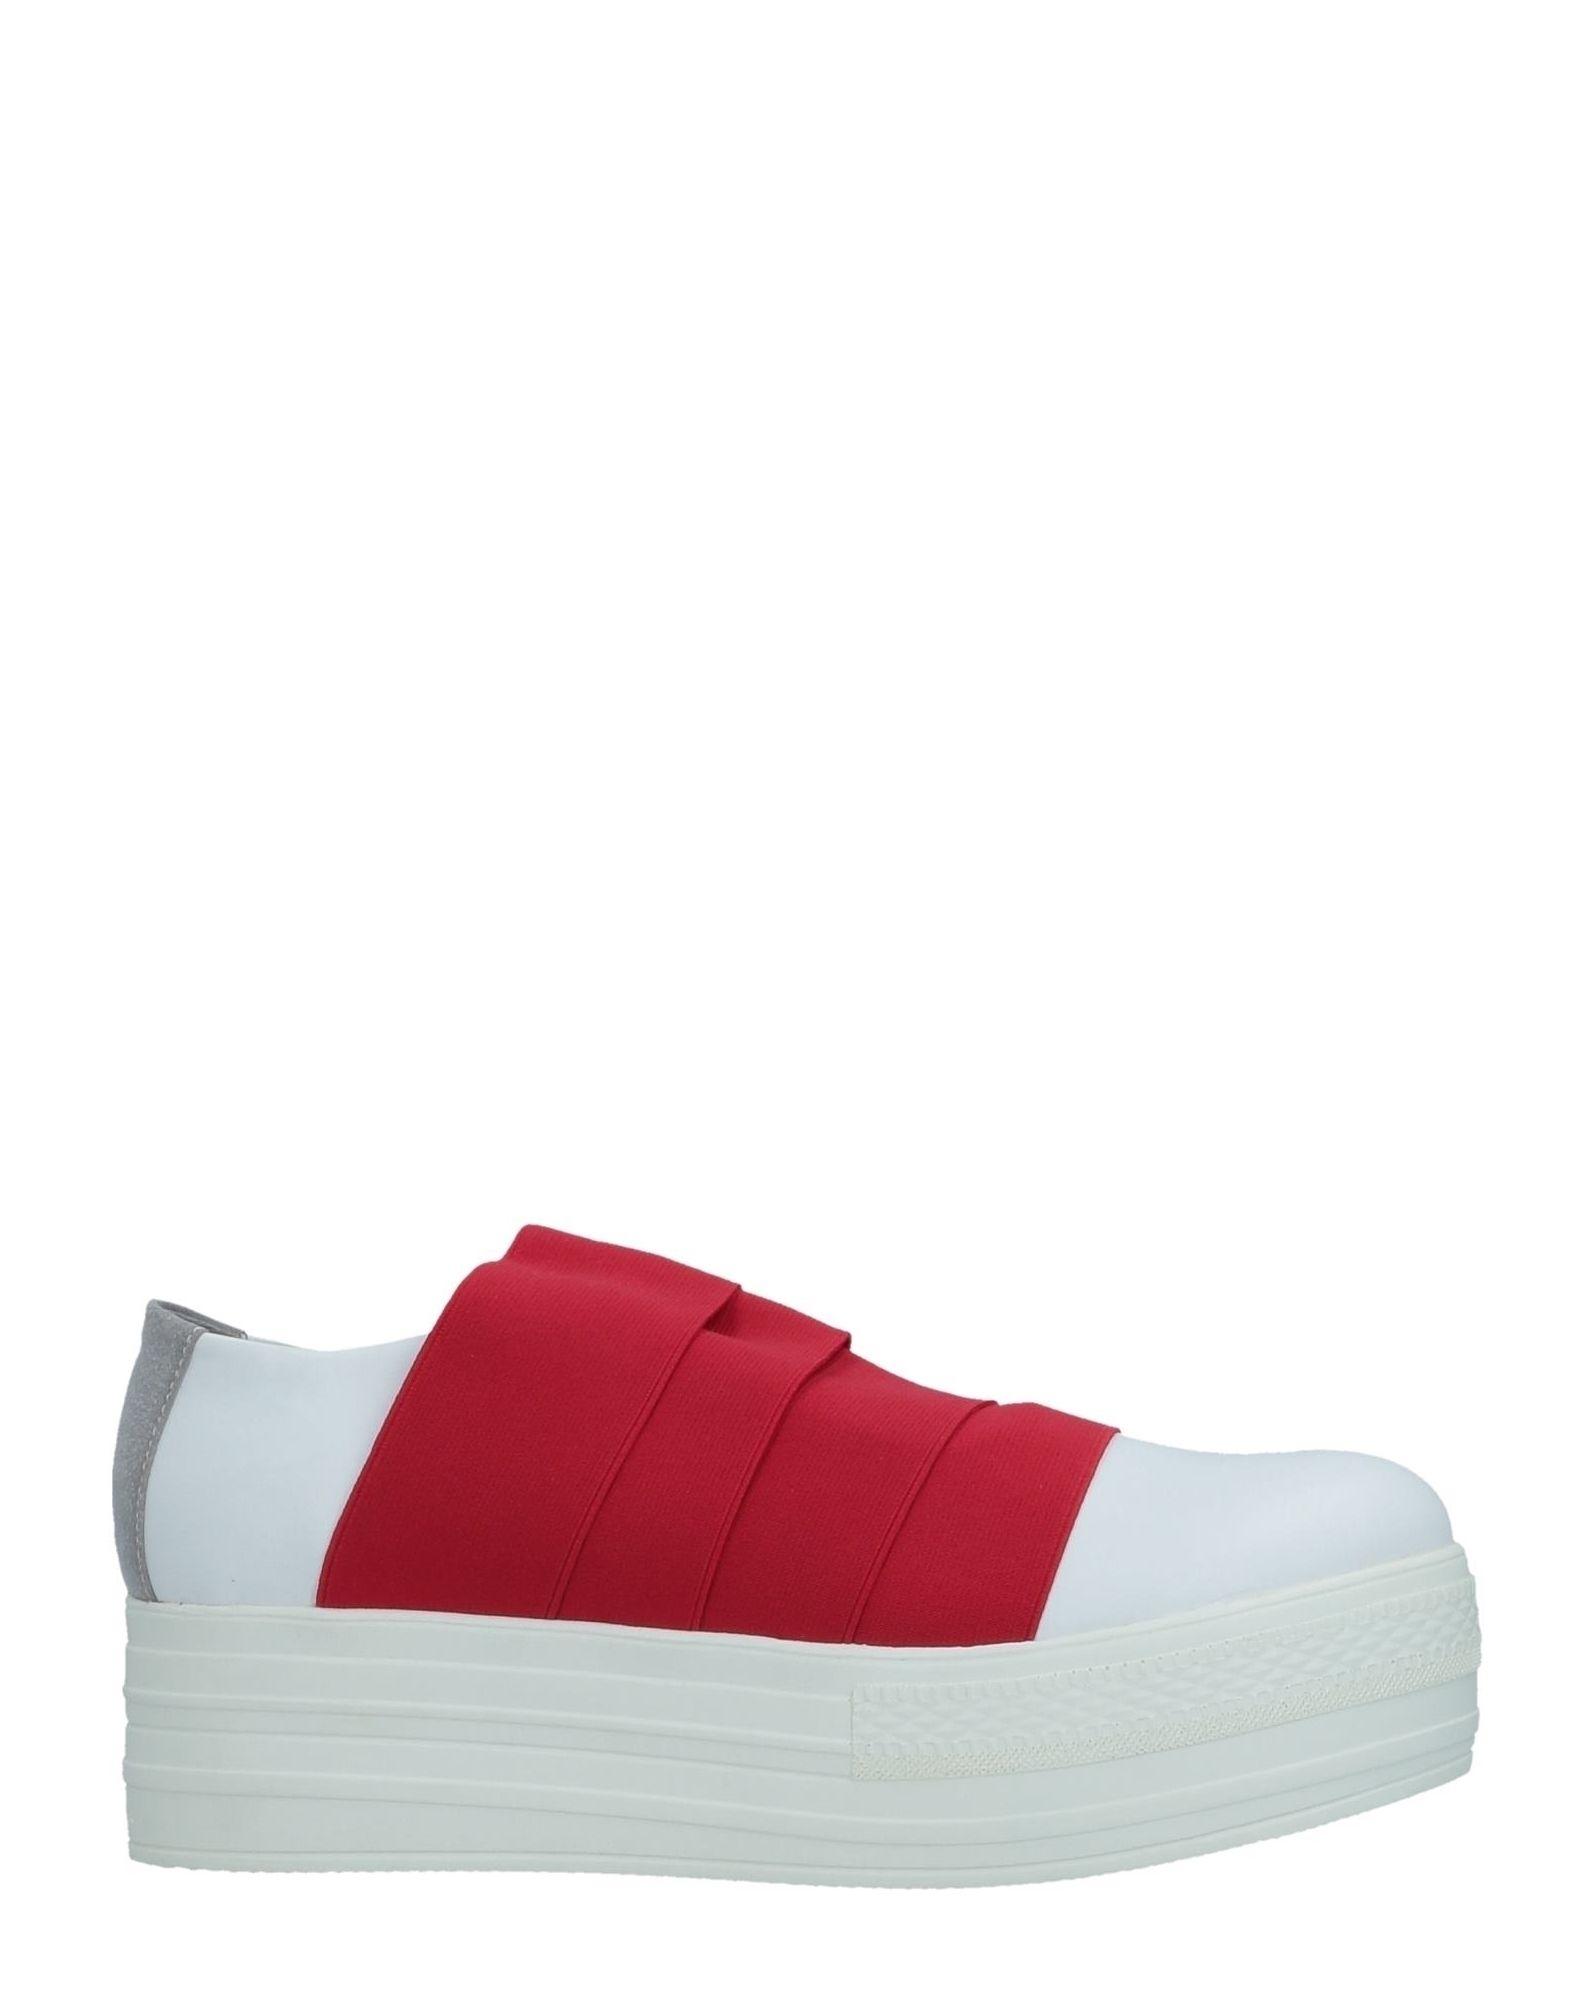 Moda Sneakers Fessura Fessura Sneakers Donna - 11521190BG 5c0ca7